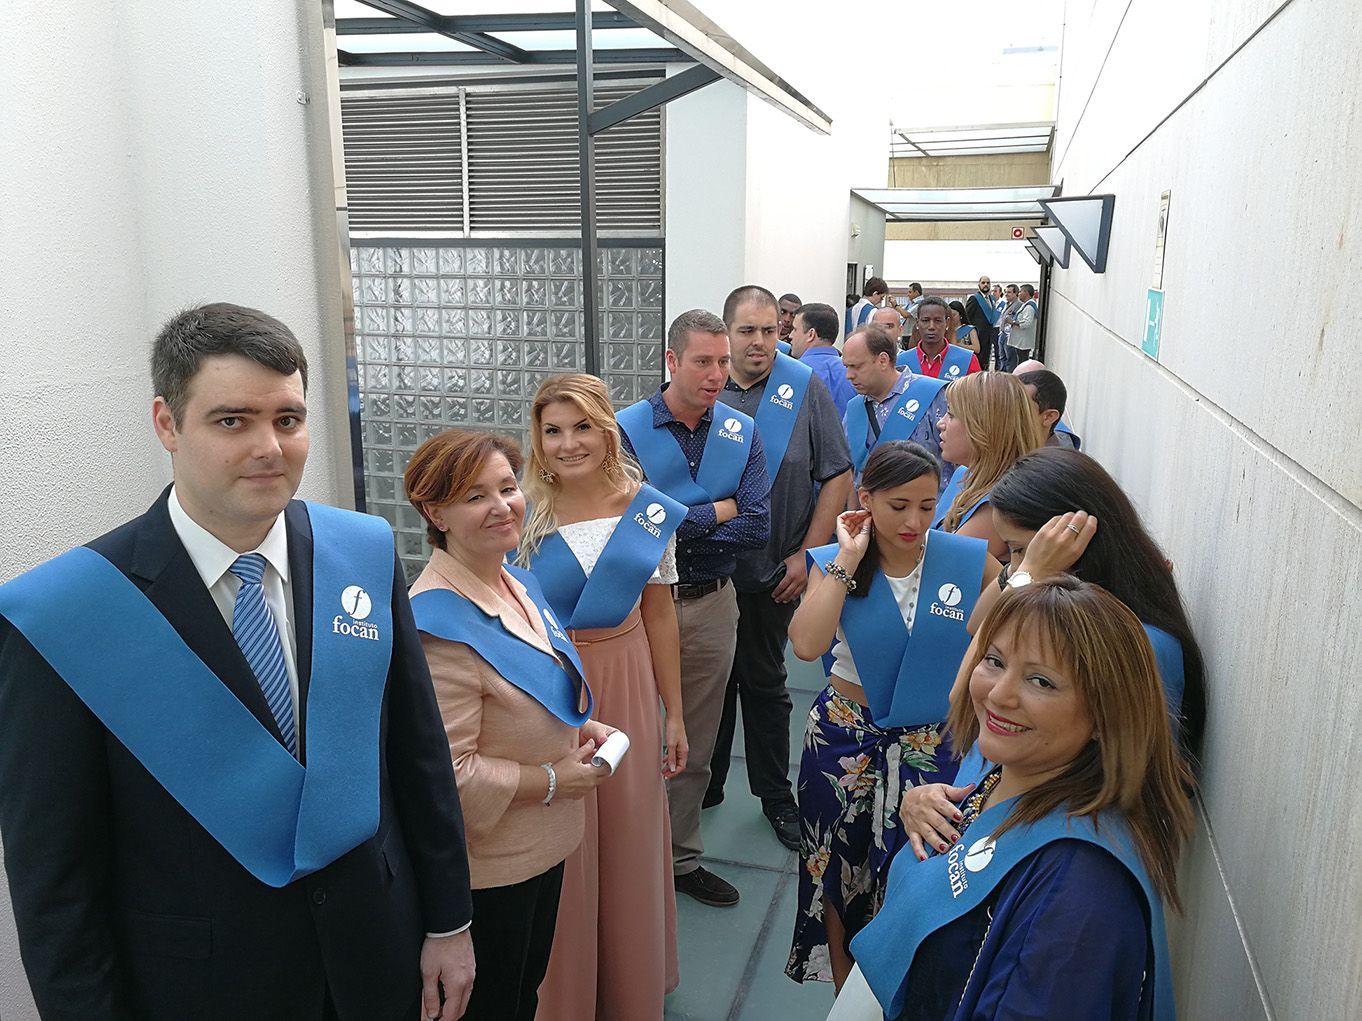 Momentos preliminares con parte de nuestros antiguos alumnos esperando para hacer la entrada